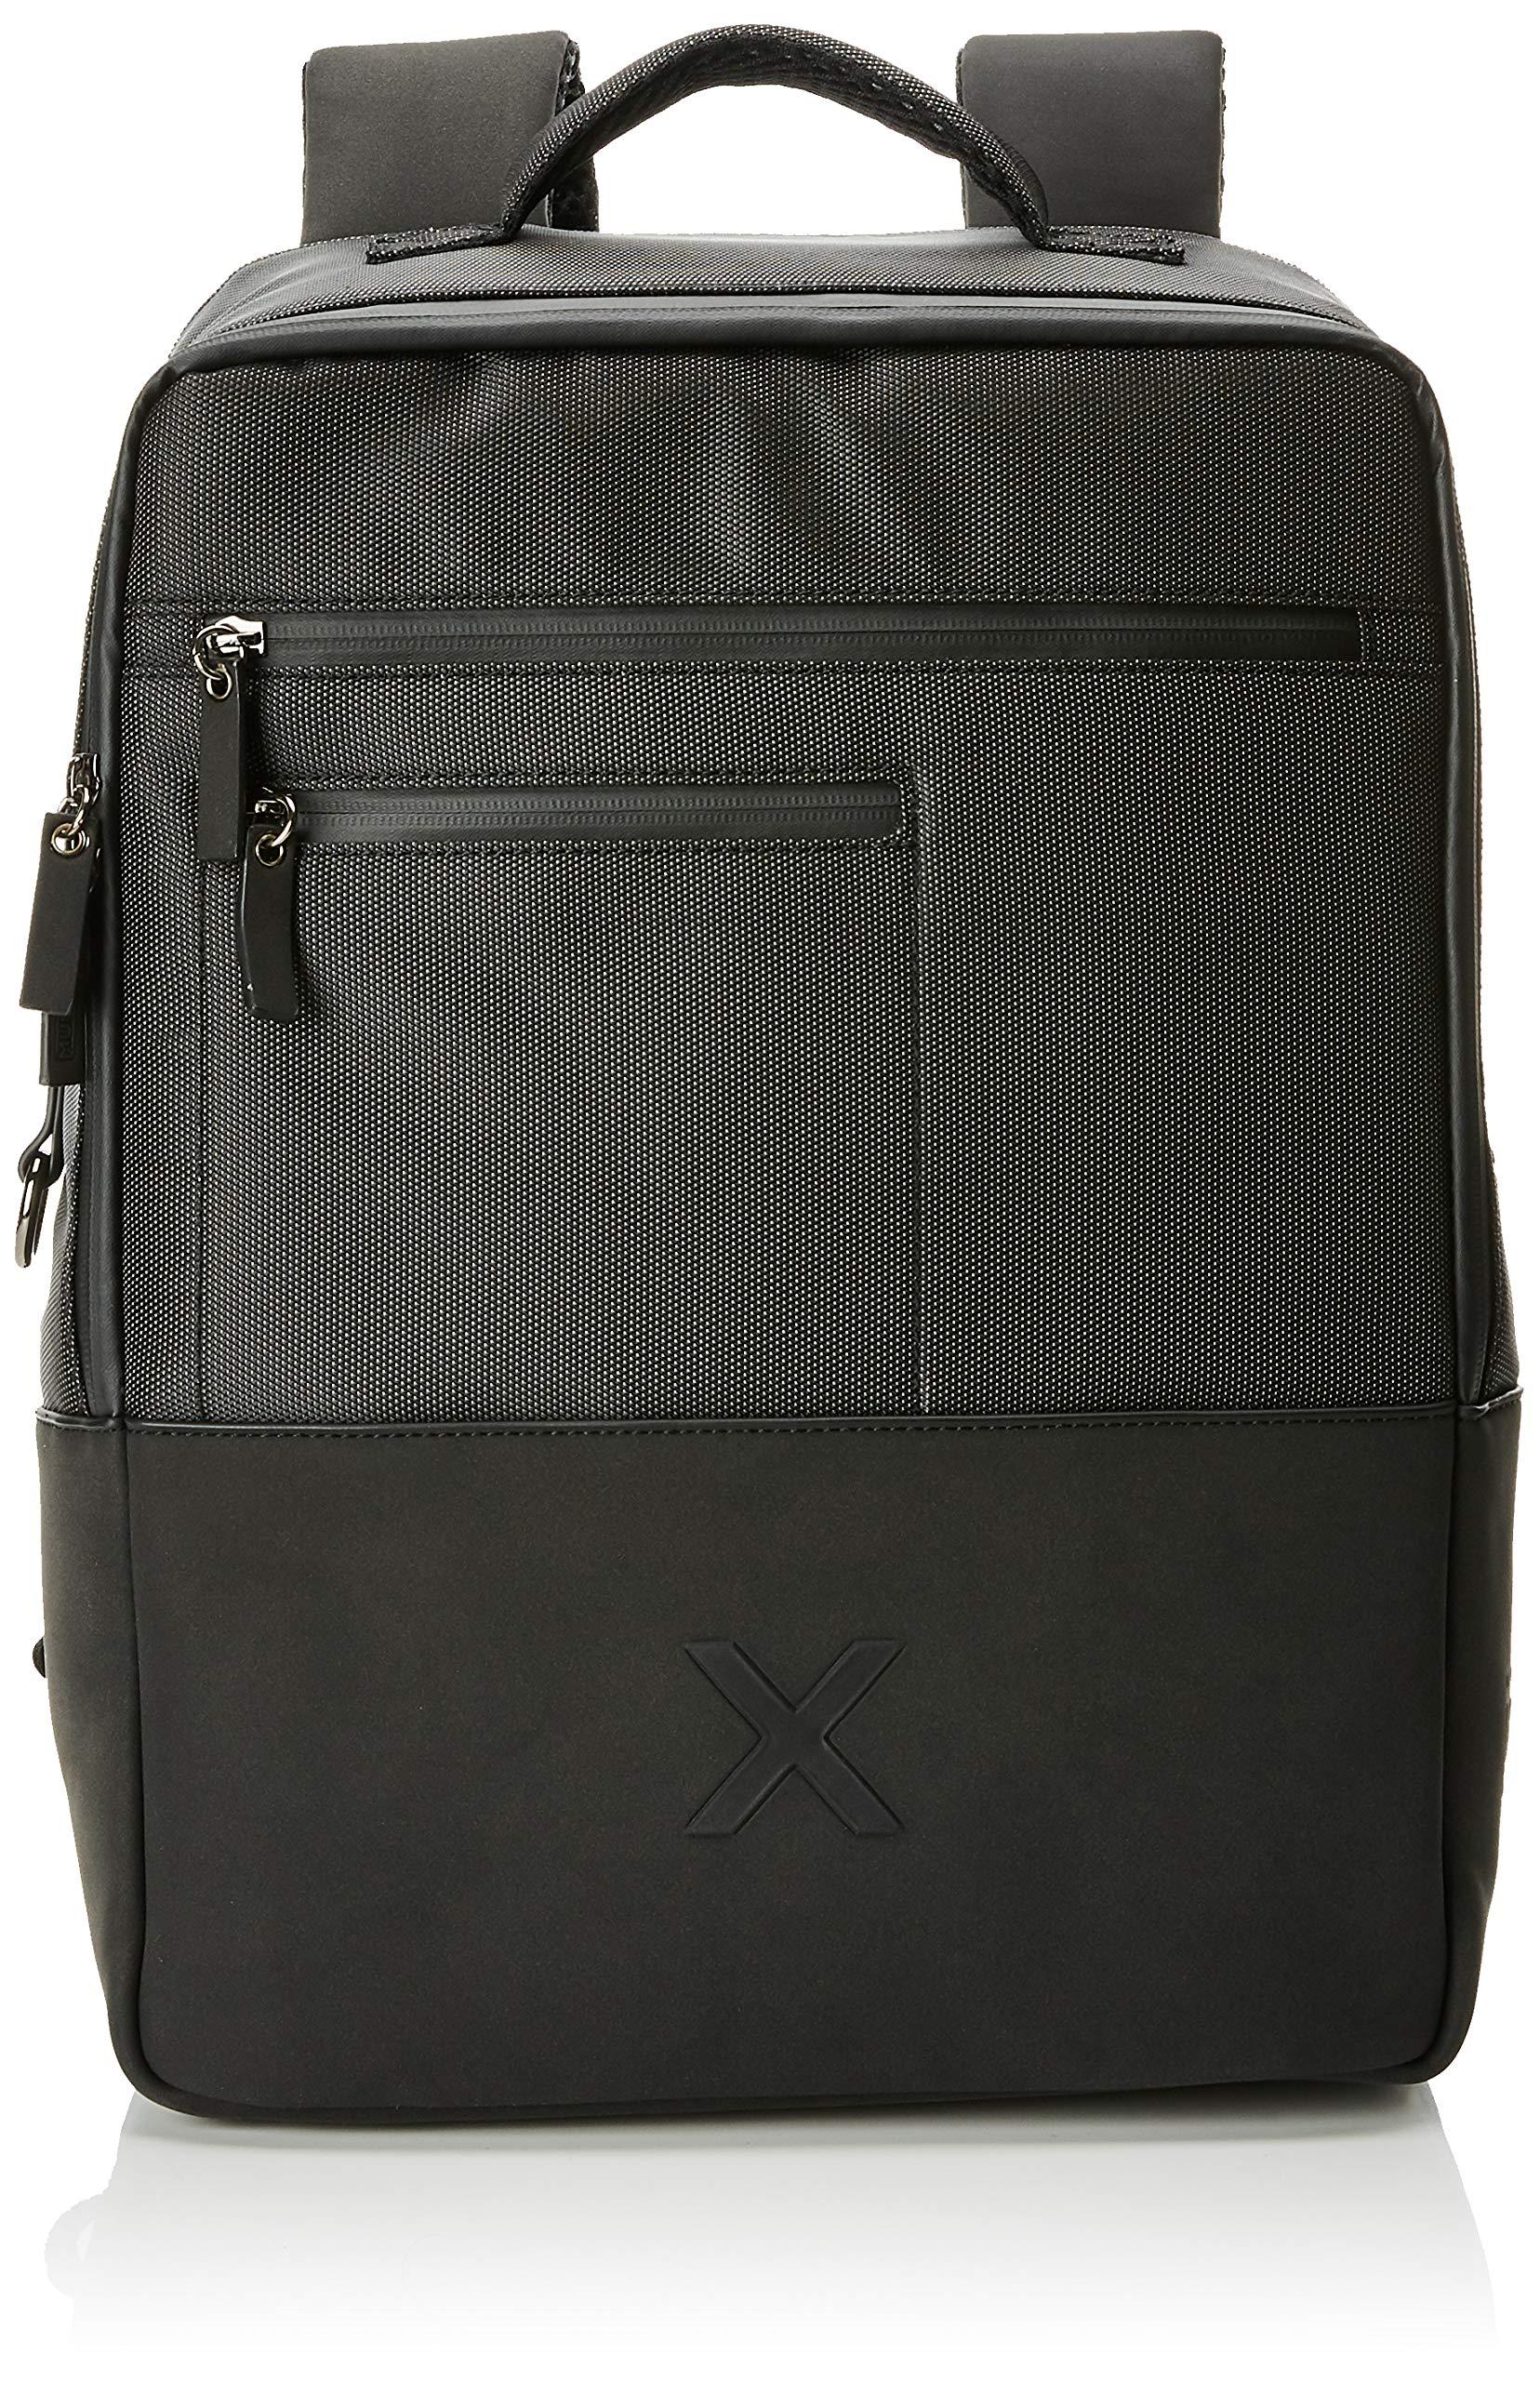 ミュンヘンバックパックシティビジネス、メンズラップトップバッグ、ブラック、13 x 41 x 31 cm(W x高さ)